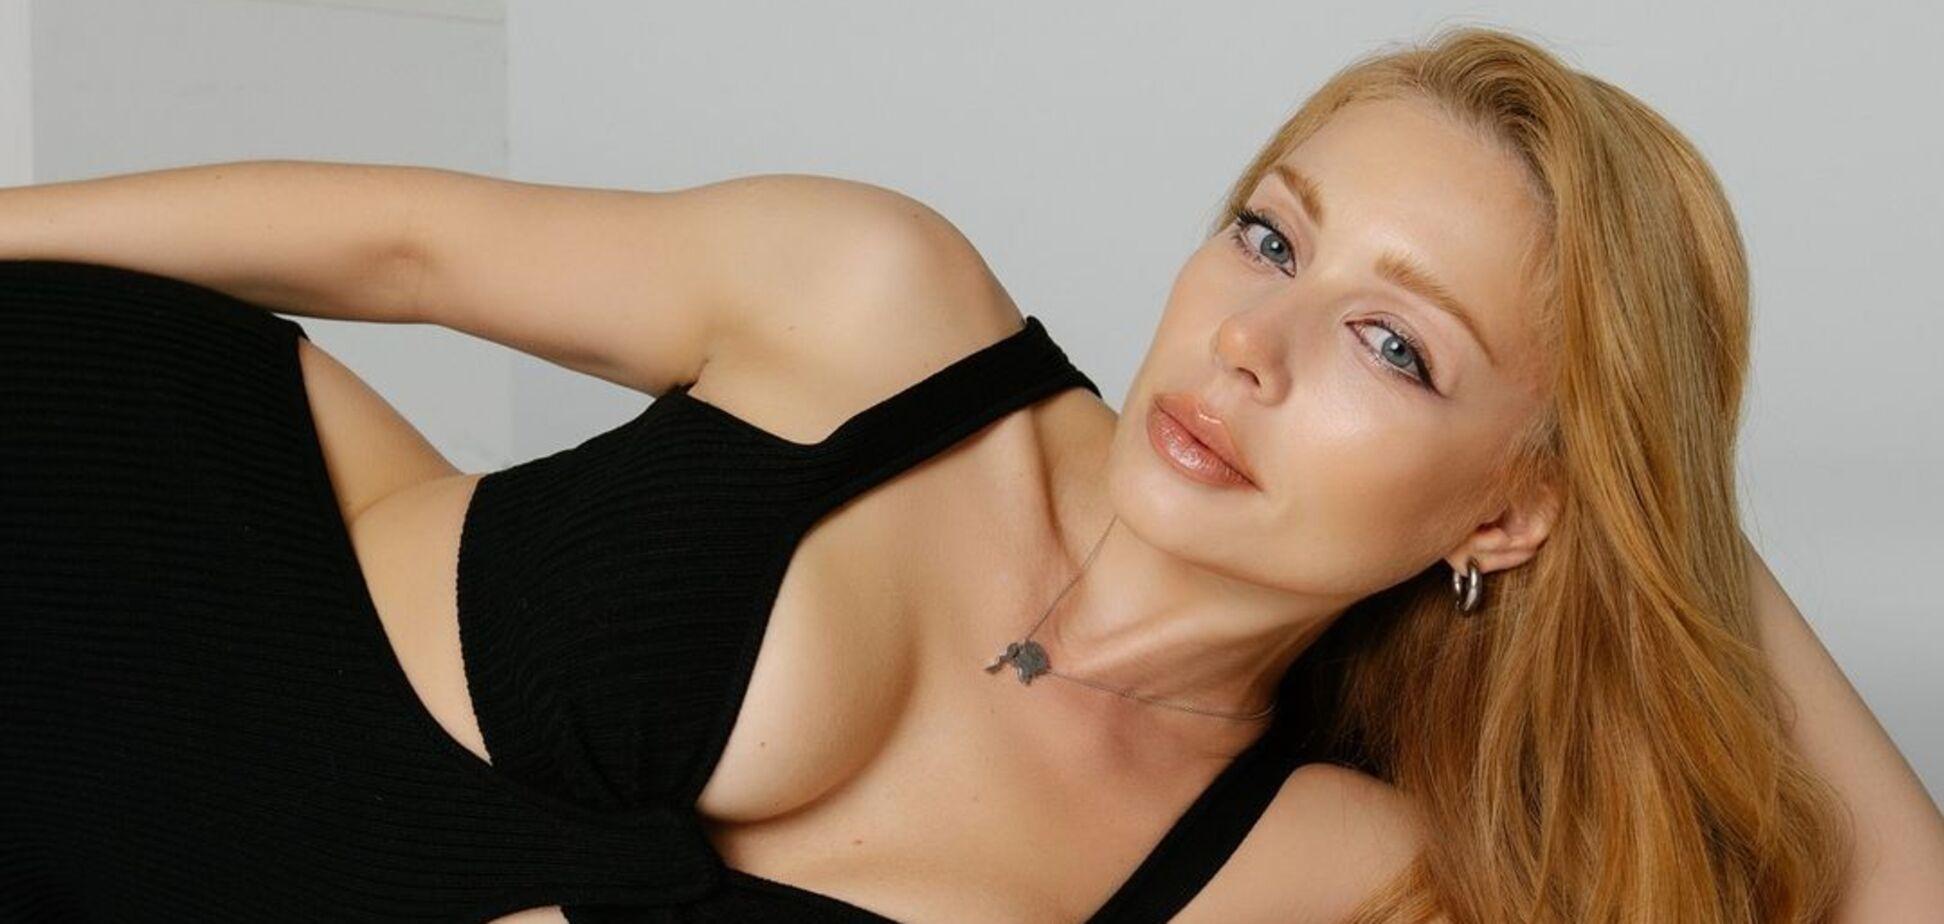 Тіна Кароль знялася у 'сталевому' топі. Фото